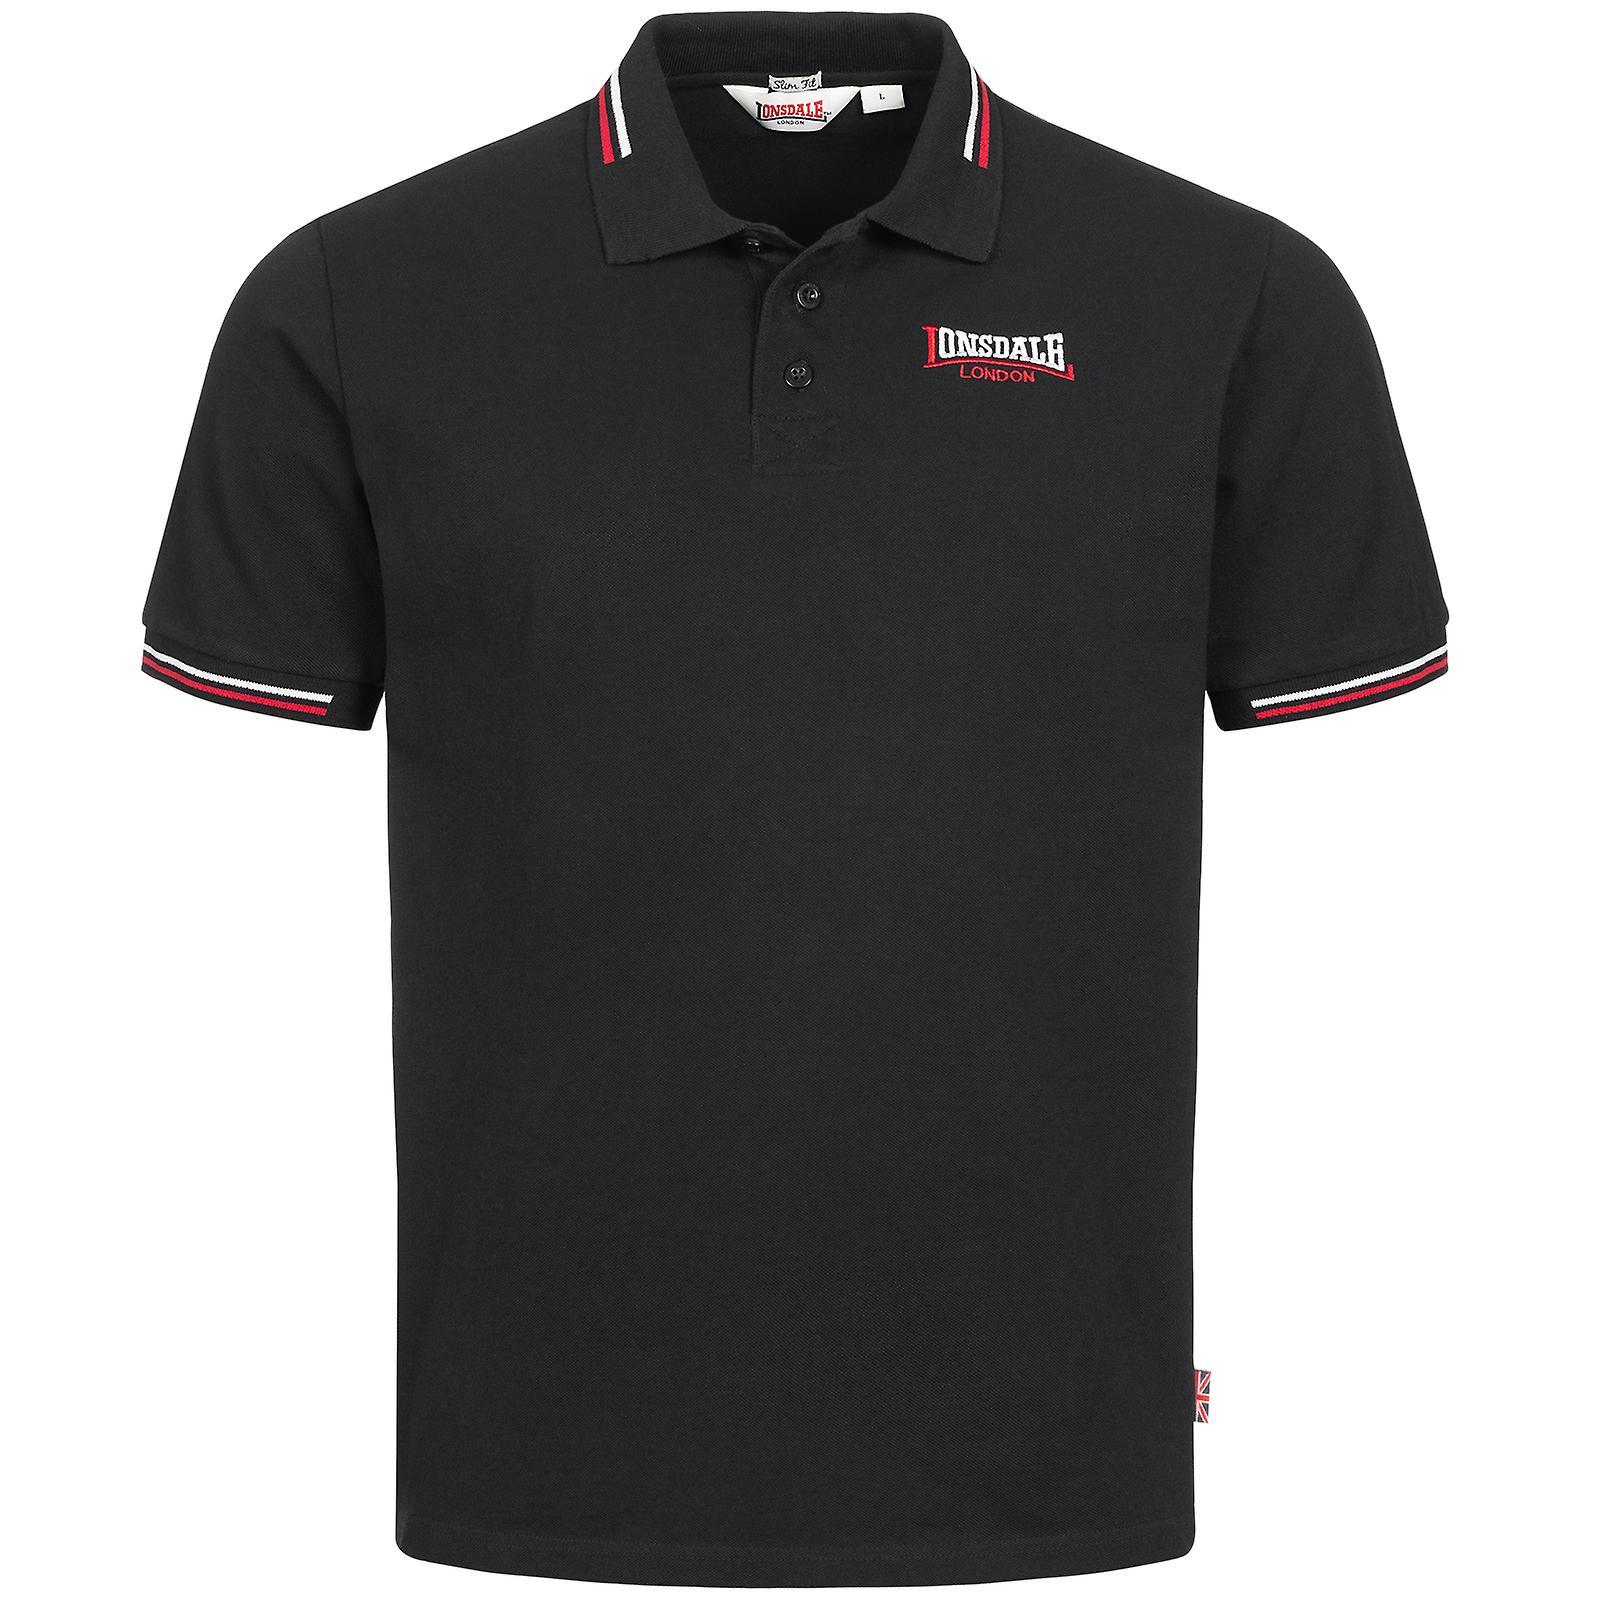 san francisco uusin muotoilu ensimmäinen katsaus Lonsdale miesten poolo paita Winstanley